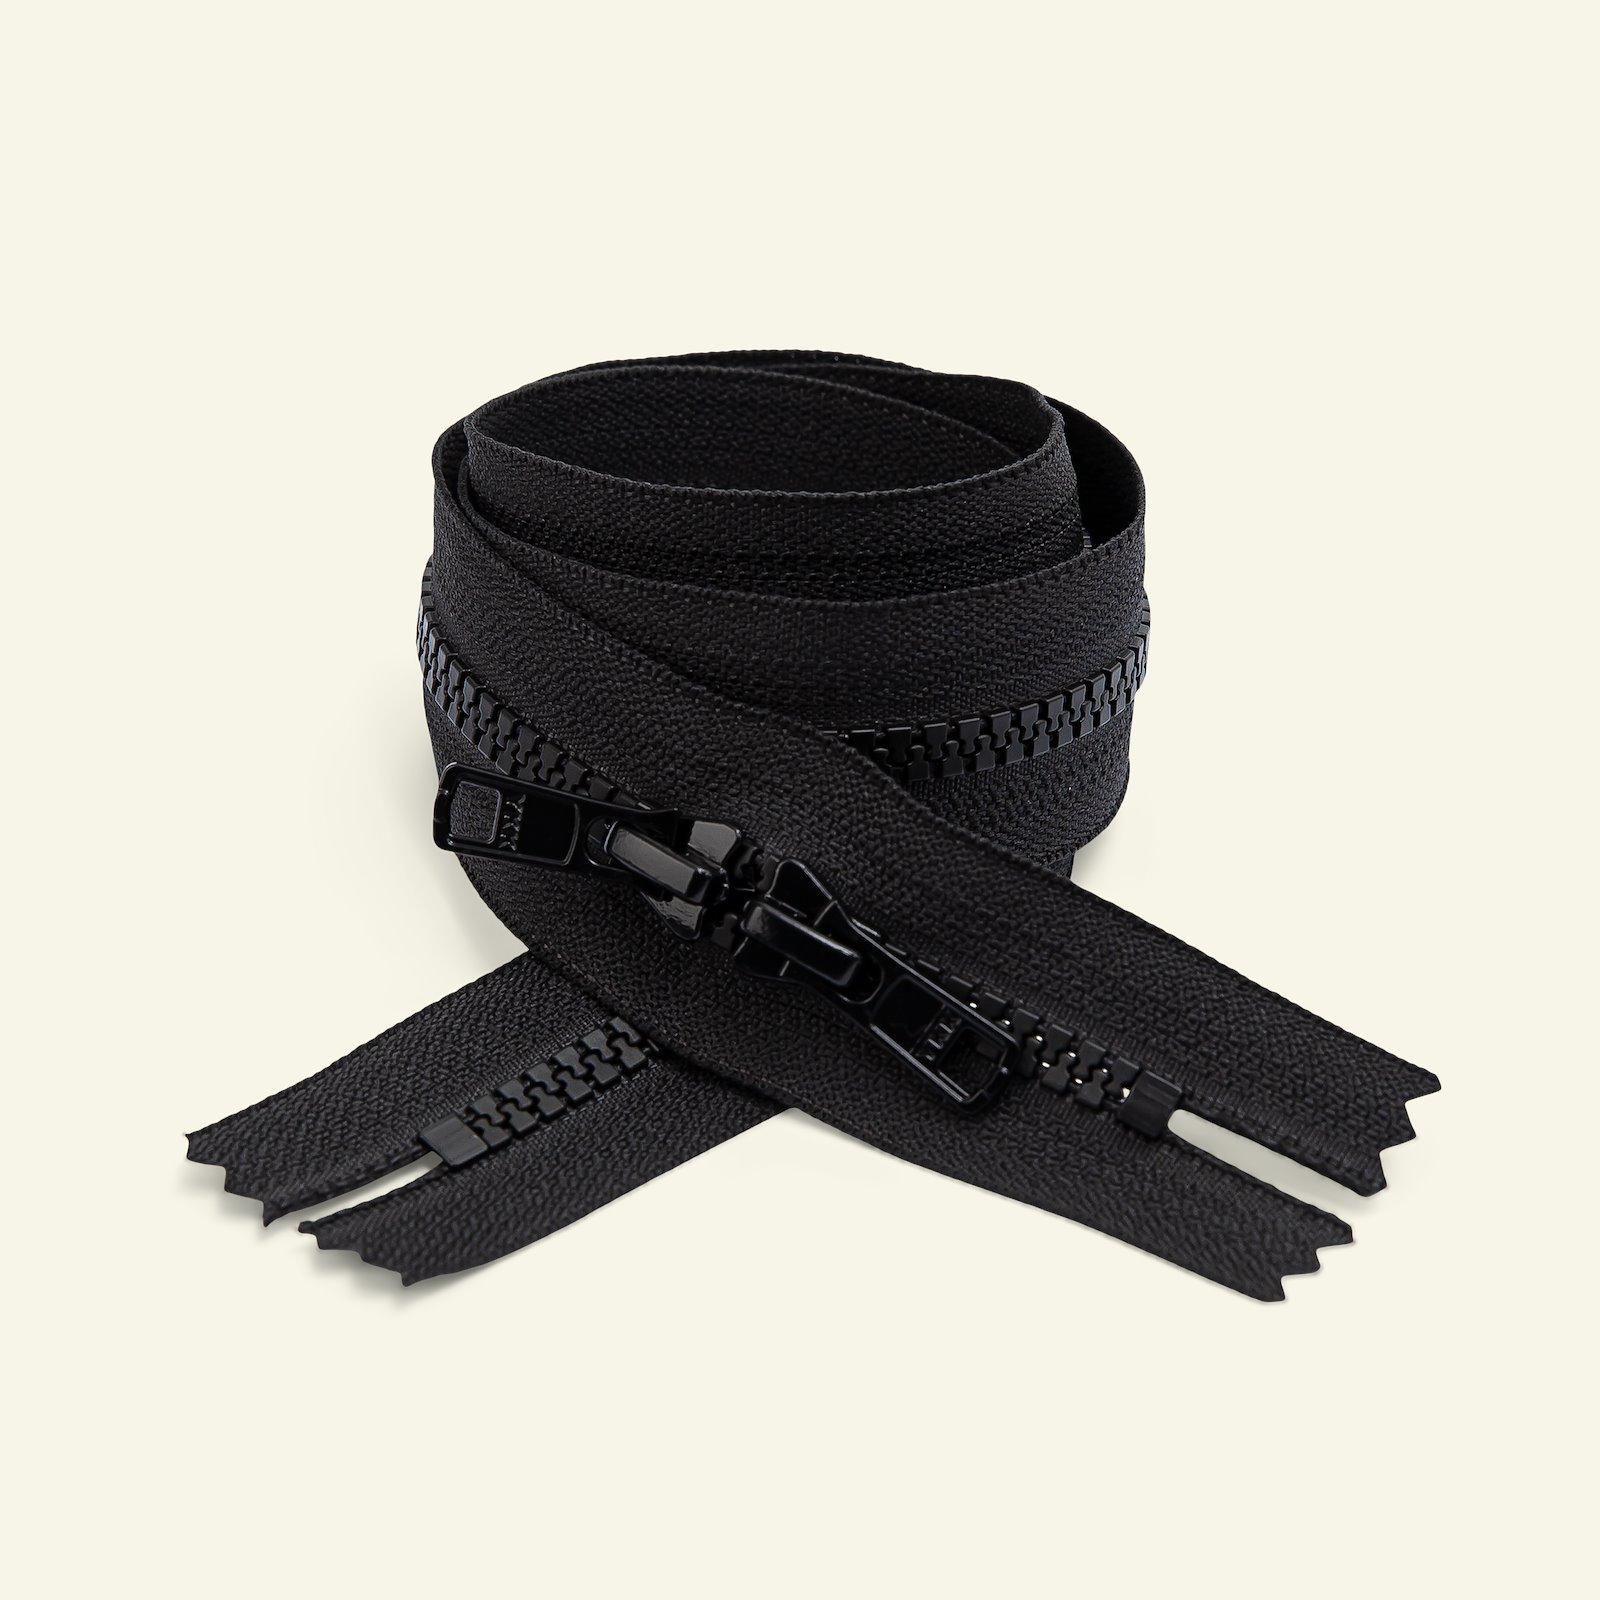 YKK zip 6mm 2-way closed end 70cm black x51243_pack